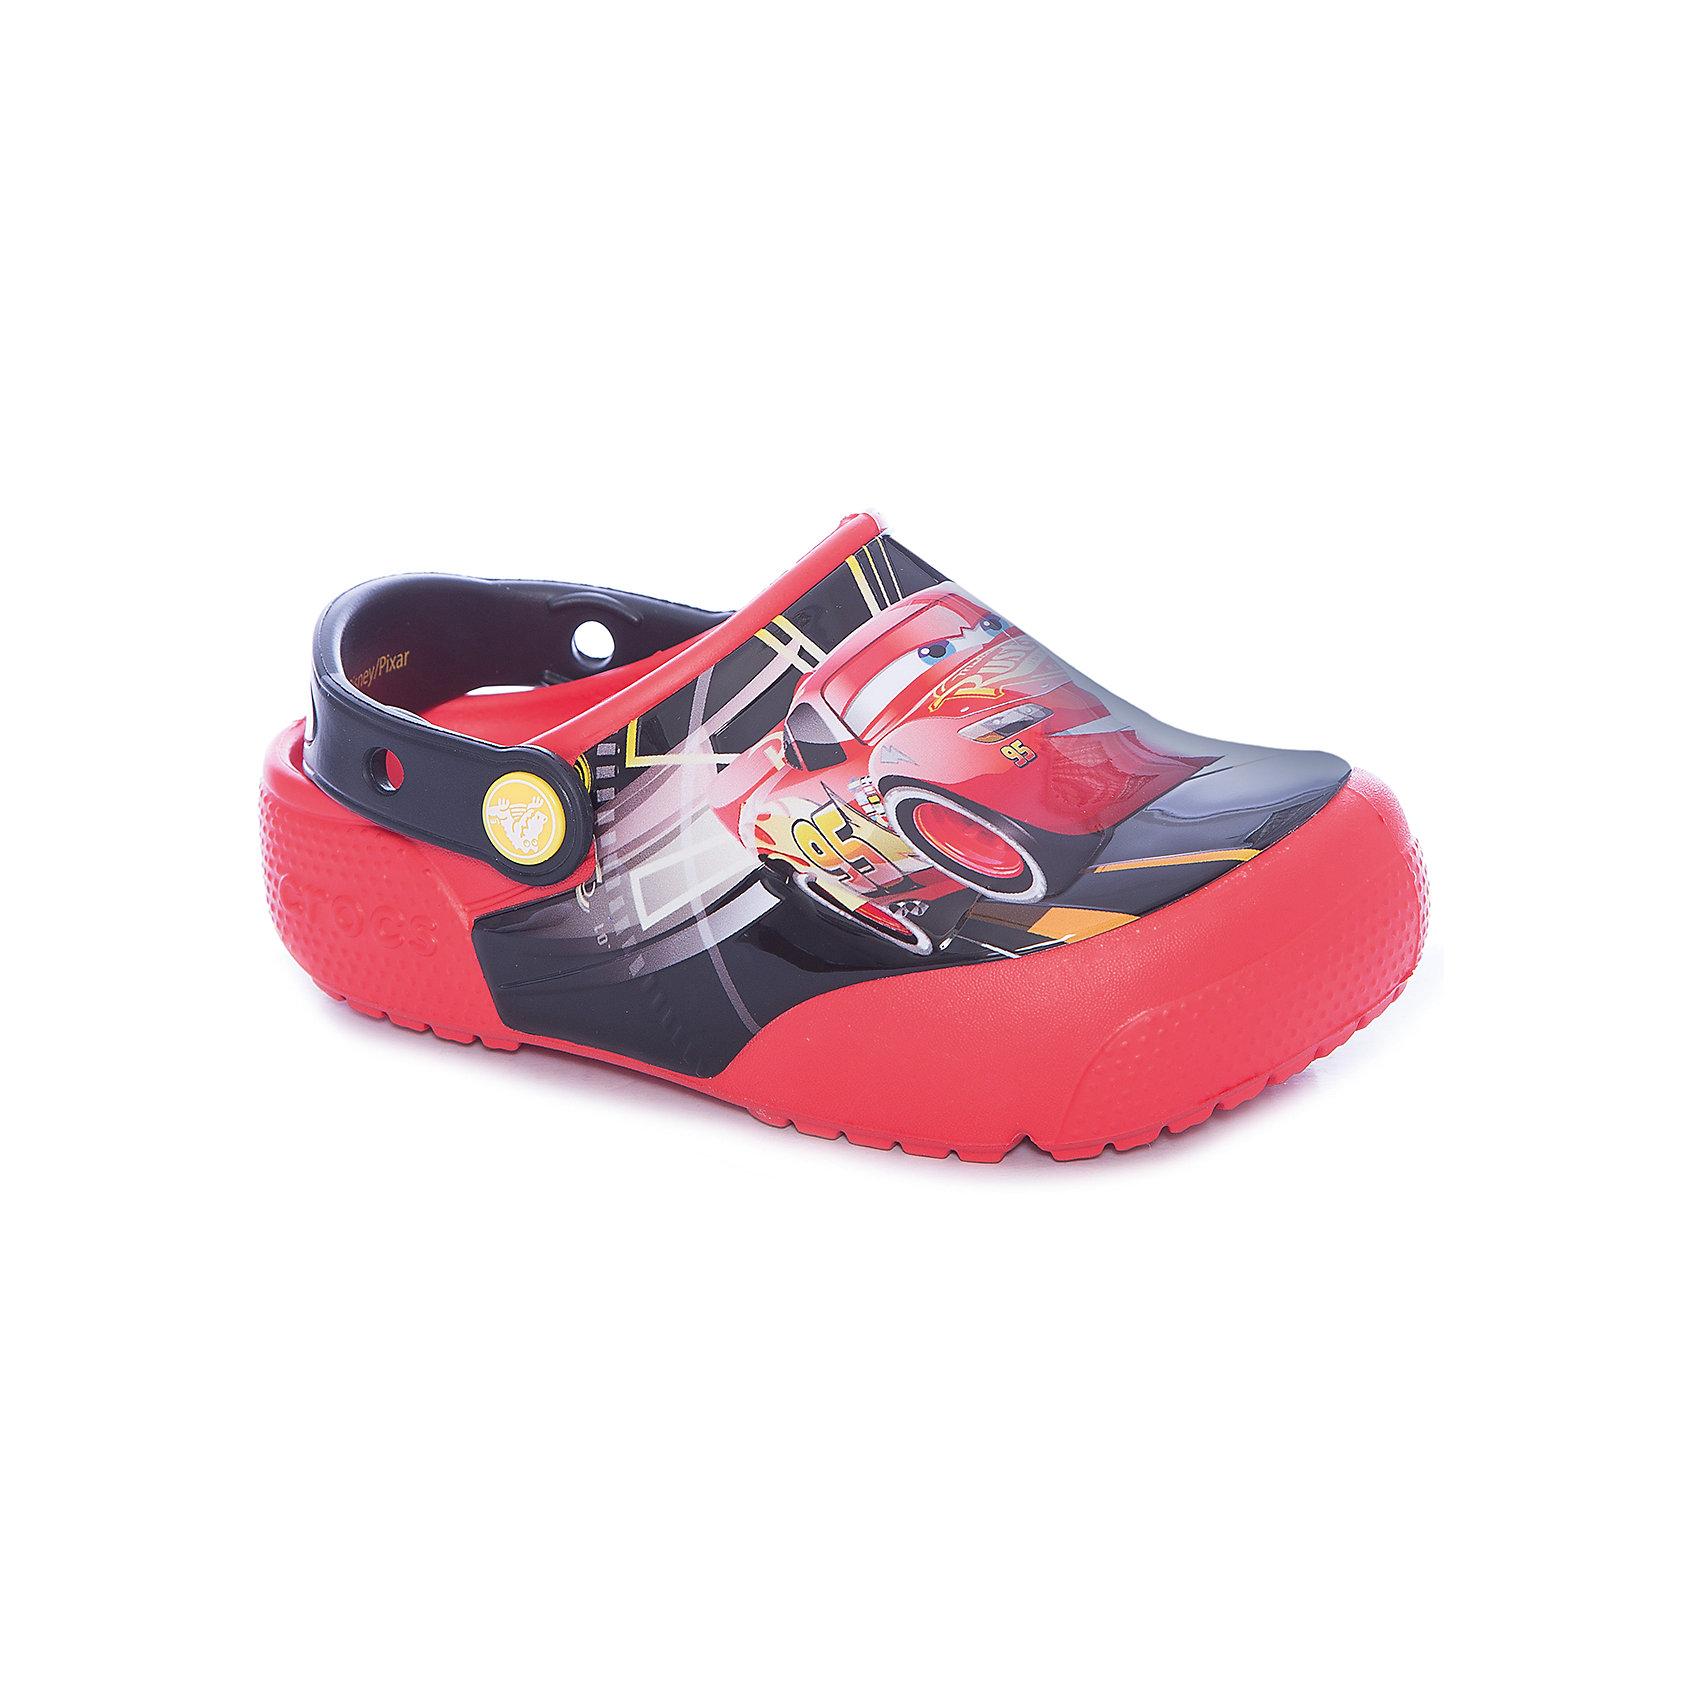 Сабо Kids Classic Cars, CROCSПляжная обувь<br>Характеристики товара:<br><br>• цвет: красный<br>• принт: Тачки<br>• сезон: лето<br>• тип: пляжная обувь<br>• материал: 100% полимер Croslite™<br>• под воздействием температуры тела принимают форму стопы<br>• полностью литая модель<br>• вентиляционные отверстия<br>• бактериостатичный материал<br>• пяточный ремешок фиксирует стопу<br>• отверстия для использования украшений<br>• анатомическая стелька с массажными точками<br>• страна бренда: США<br>• страна изготовитель: Китай<br><br>Для правильного развития ребенка крайне важно, чтобы обувь была удобной.<br><br>Такие сабо обеспечивают детям необходимый комфорт, а анатомическая стелька с массажными линиями для стимуляции кровообращения позволяет ножкам дольше не уставать. <br><br>Сабо легко надеваются и снимаются, отлично сидят на ноге. <br><br>Материал, из которого они сделаны, не дает размножаться бактериям, поэтому такая обувь препятствует образованию неприятного запаха и появлению болезней стоп.<br><br>Обувь от американского бренда Crocs в данный момент завоевала широкую популярность во всем мире, и это не удивительно - ведь она невероятно удобна. <br><br>Её носят врачи, спортсмены, звёзды шоу-бизнеса, люди, которым много времени приходится бывать на ногах - они понимают, как важна комфортная обувь. <br><br>Продукция Crocs - это качественные товары, созданные с применением новейших технологий. <br><br>Обувь отличается стильным дизайном и продуманной конструкцией. Изделие производится из качественных и проверенных материалов, которые безопасны для детей.<br><br>Сабо Kids Classic от торговой марки Crocs можно купить в нашем интернет-магазине.<br><br>Ширина мм: 225<br>Глубина мм: 139<br>Высота мм: 112<br>Вес г: 290<br>Цвет: красный<br>Возраст от месяцев: 132<br>Возраст до месяцев: 144<br>Пол: Унисекс<br>Возраст: Детский<br>Размер: 34/35,29,27,28,30,21,22,23,24,25,26,31/32,33/34<br>SKU: 5416976